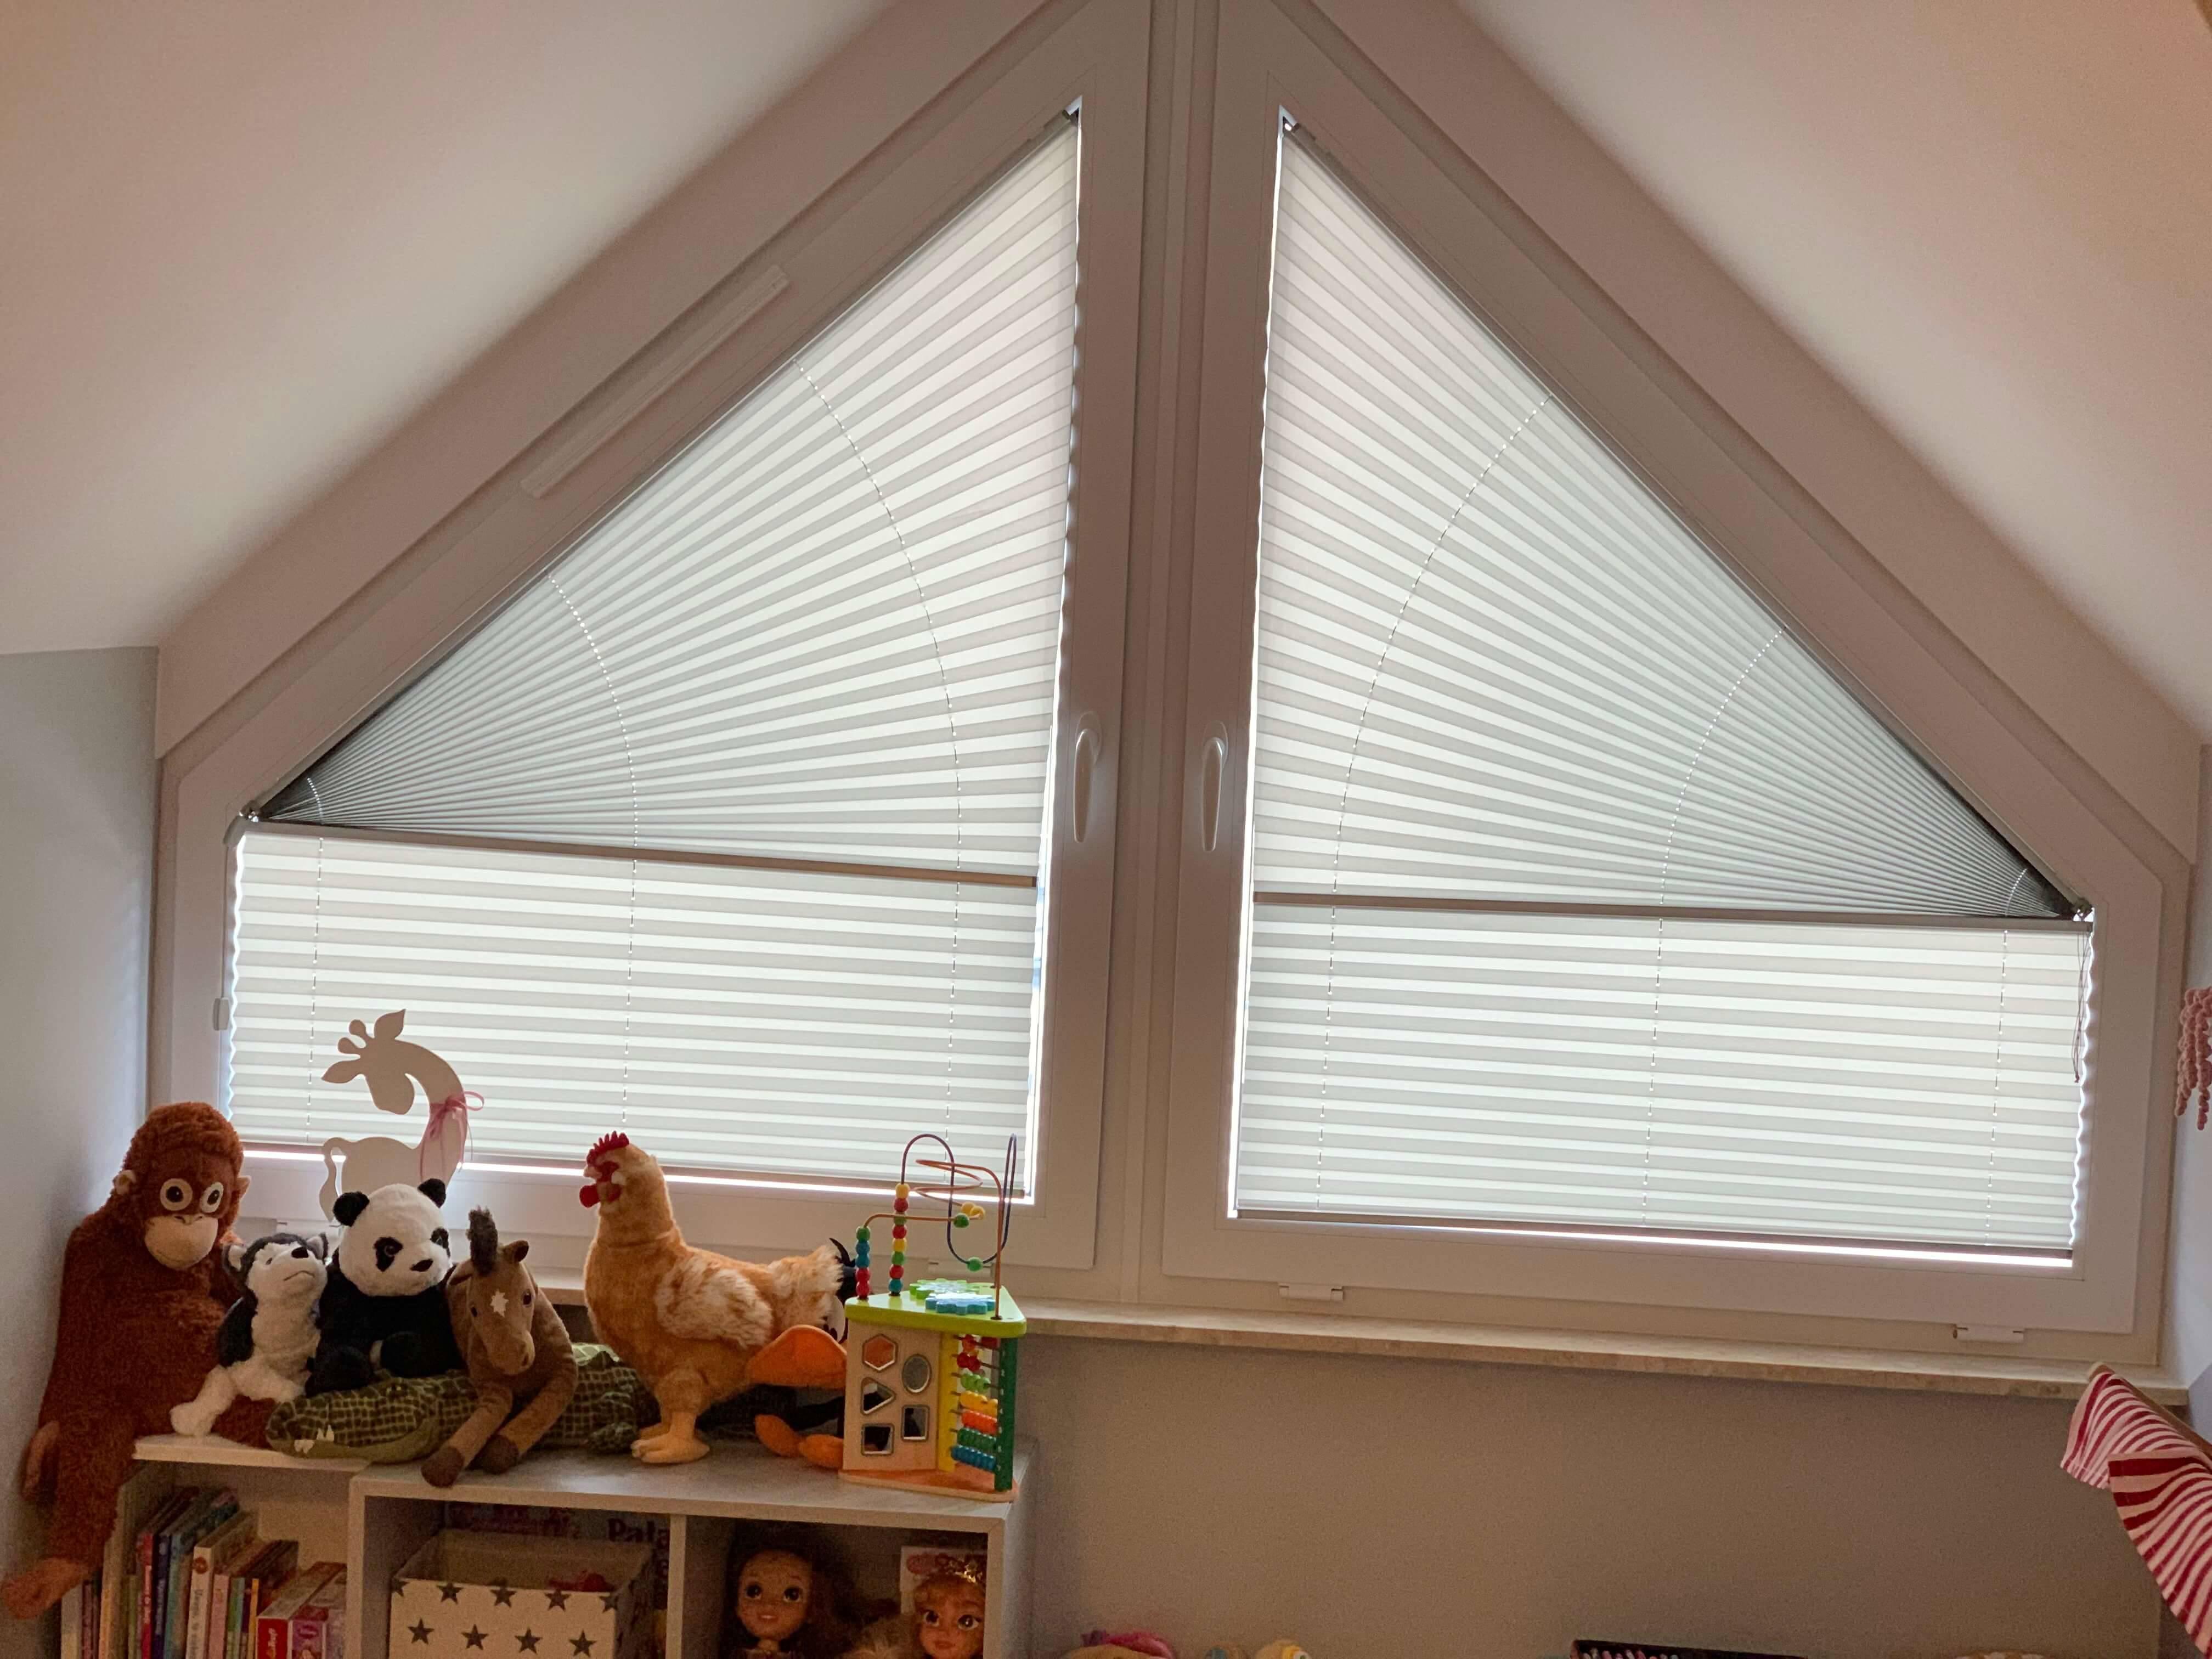 Skośne okna w plisach